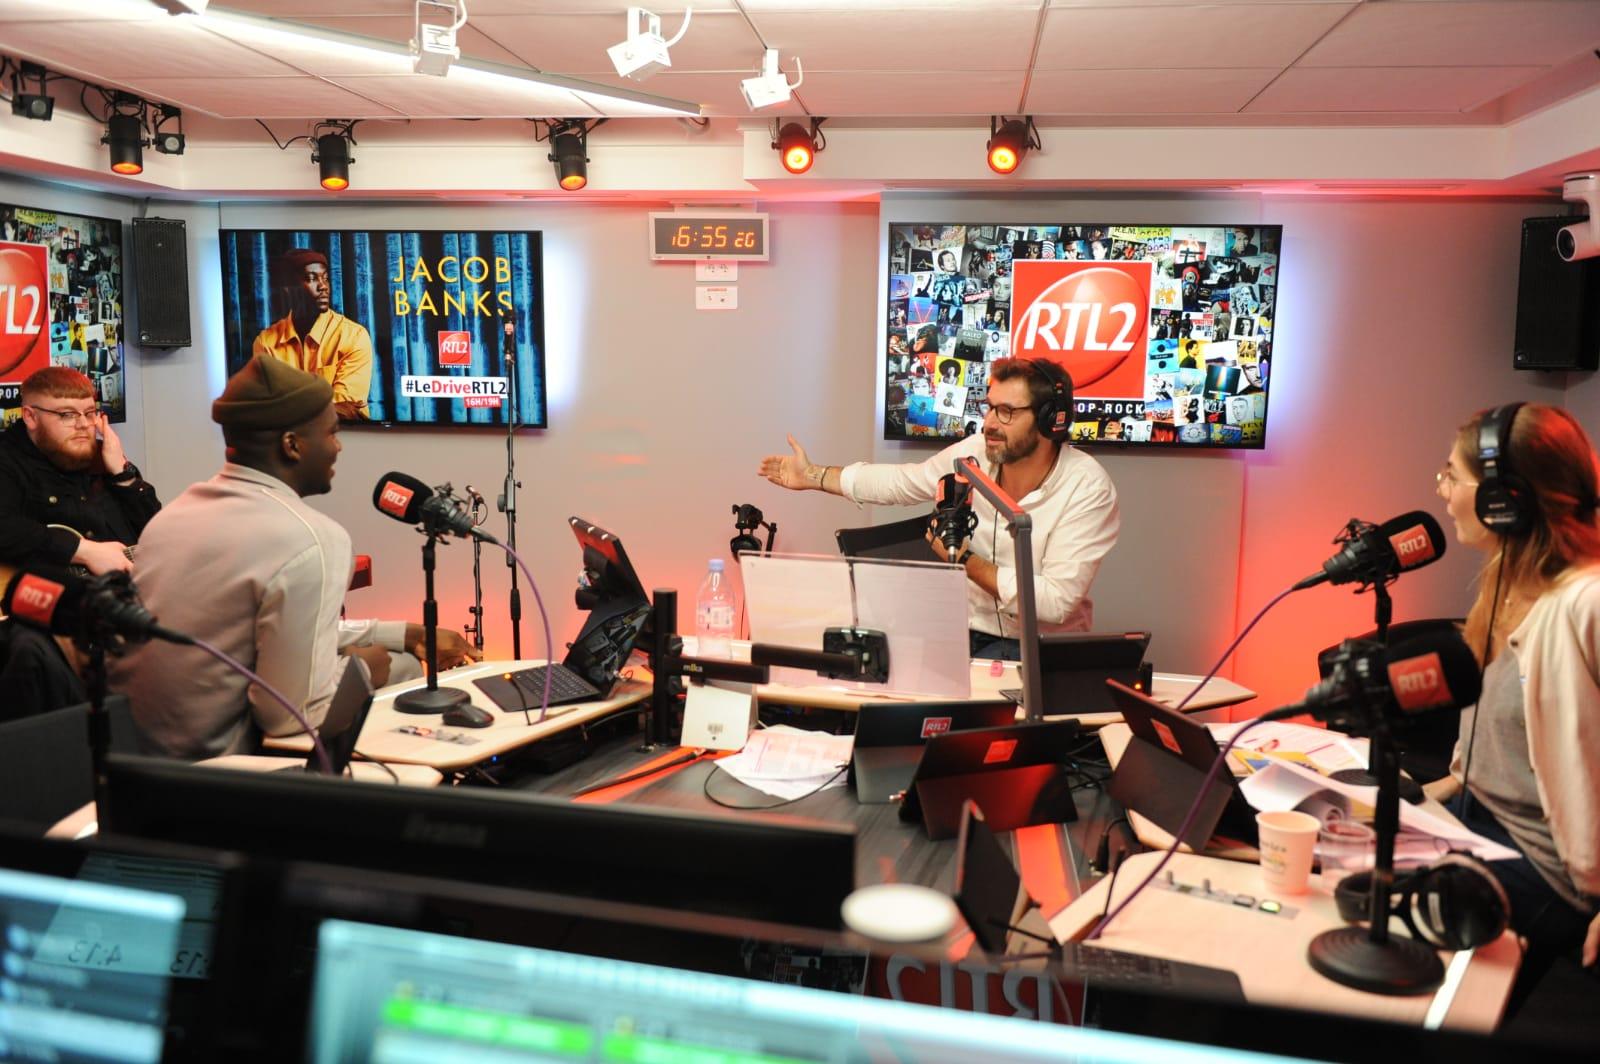 Jacob Banks dans les studios de RTL2